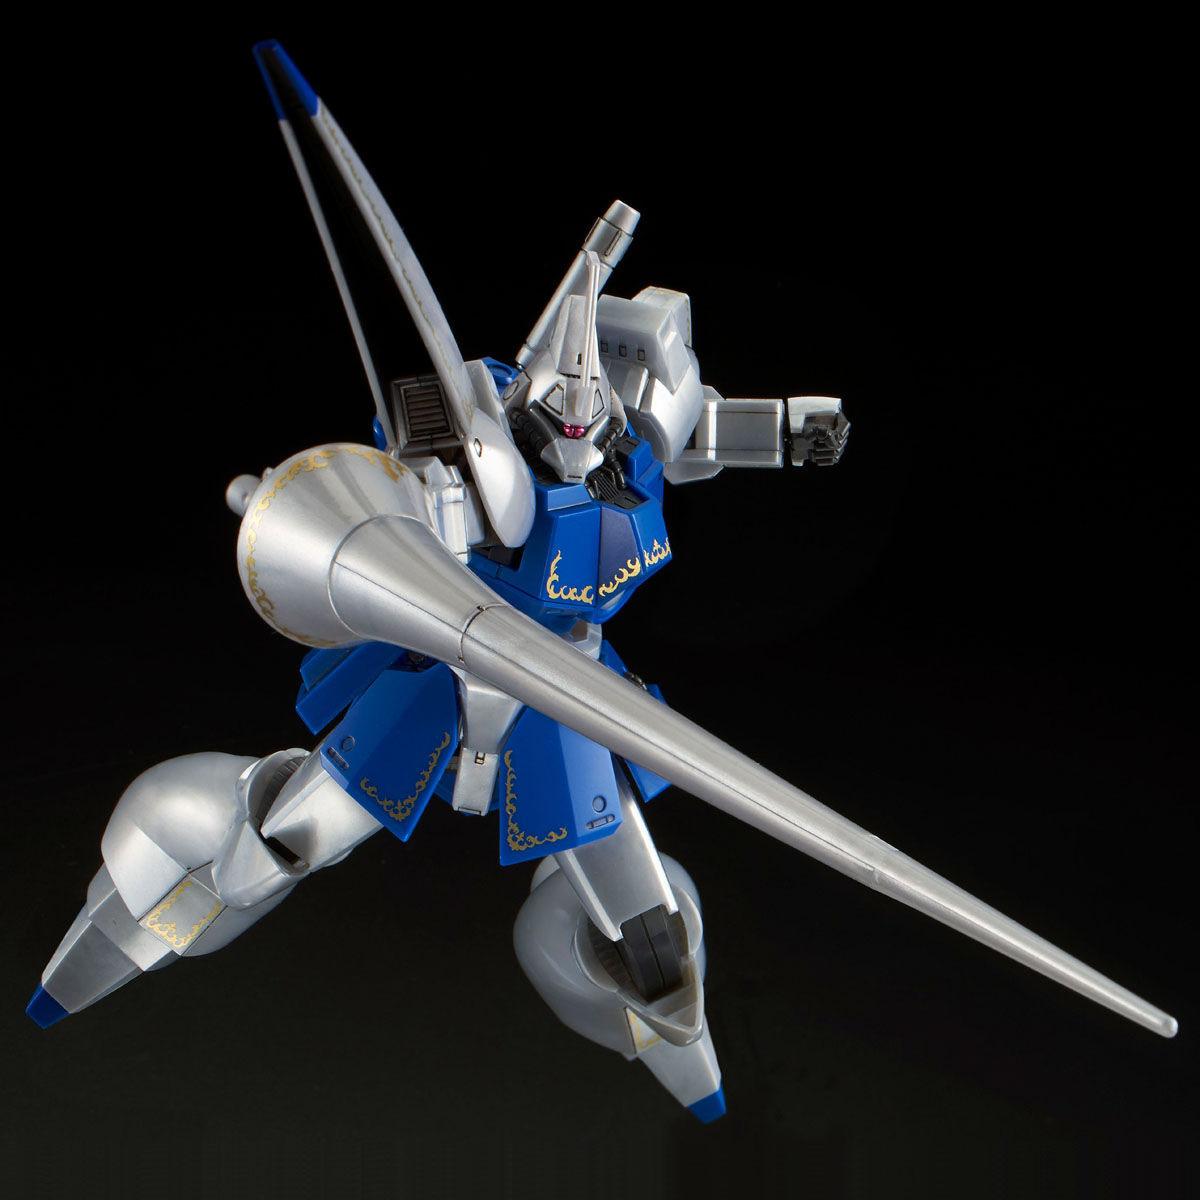 HG 1/144『ガズ R/L』機動戦士ガンダムZZ プラモデル-005